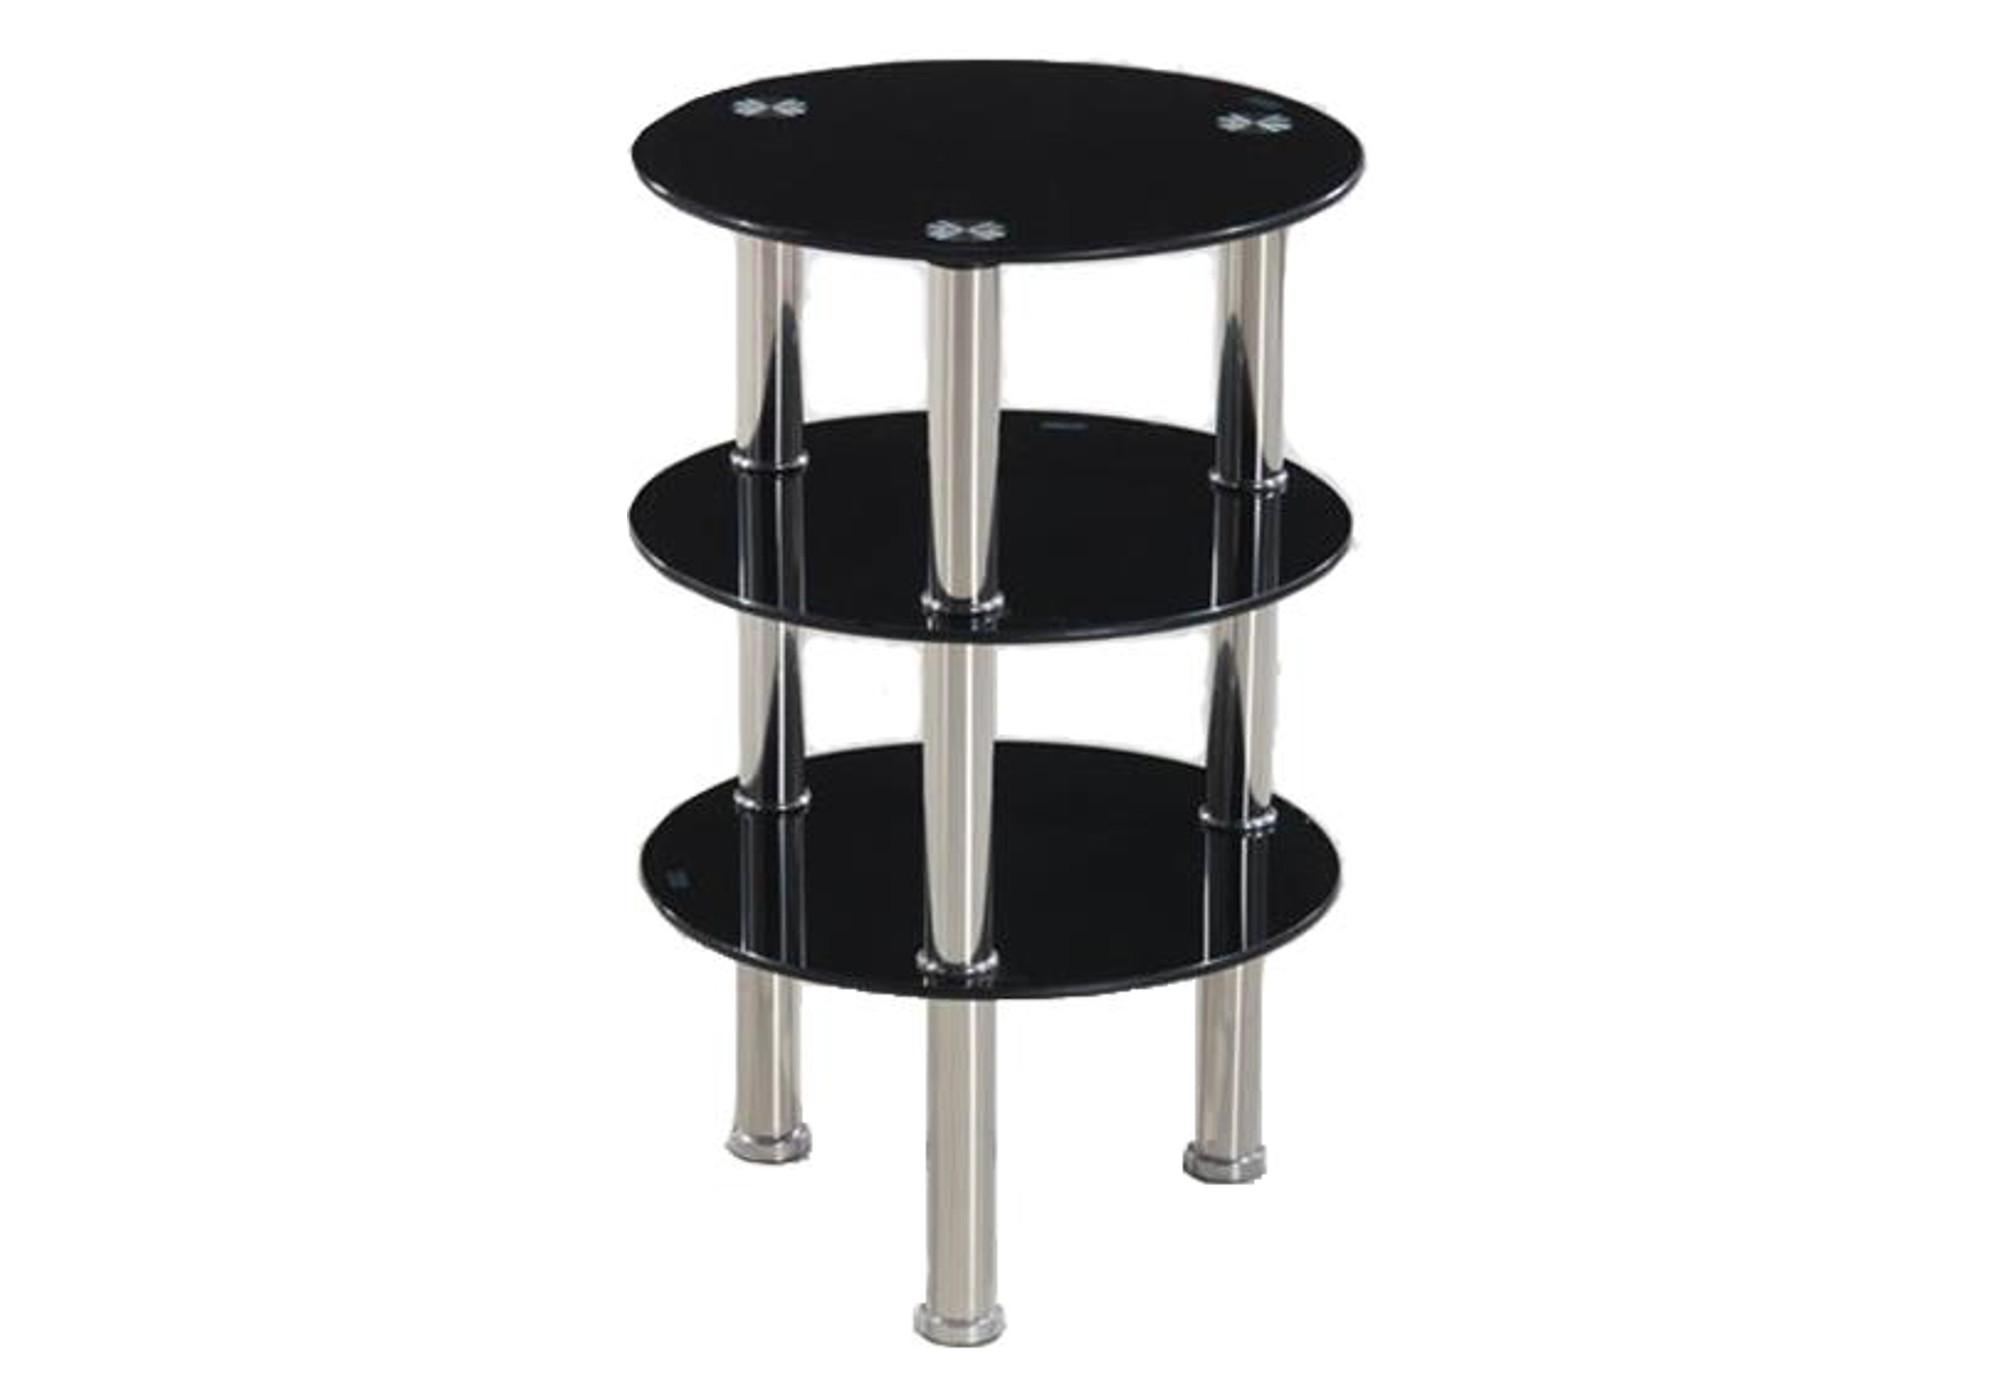 Table d'appoint chromé verre noir ZOA I